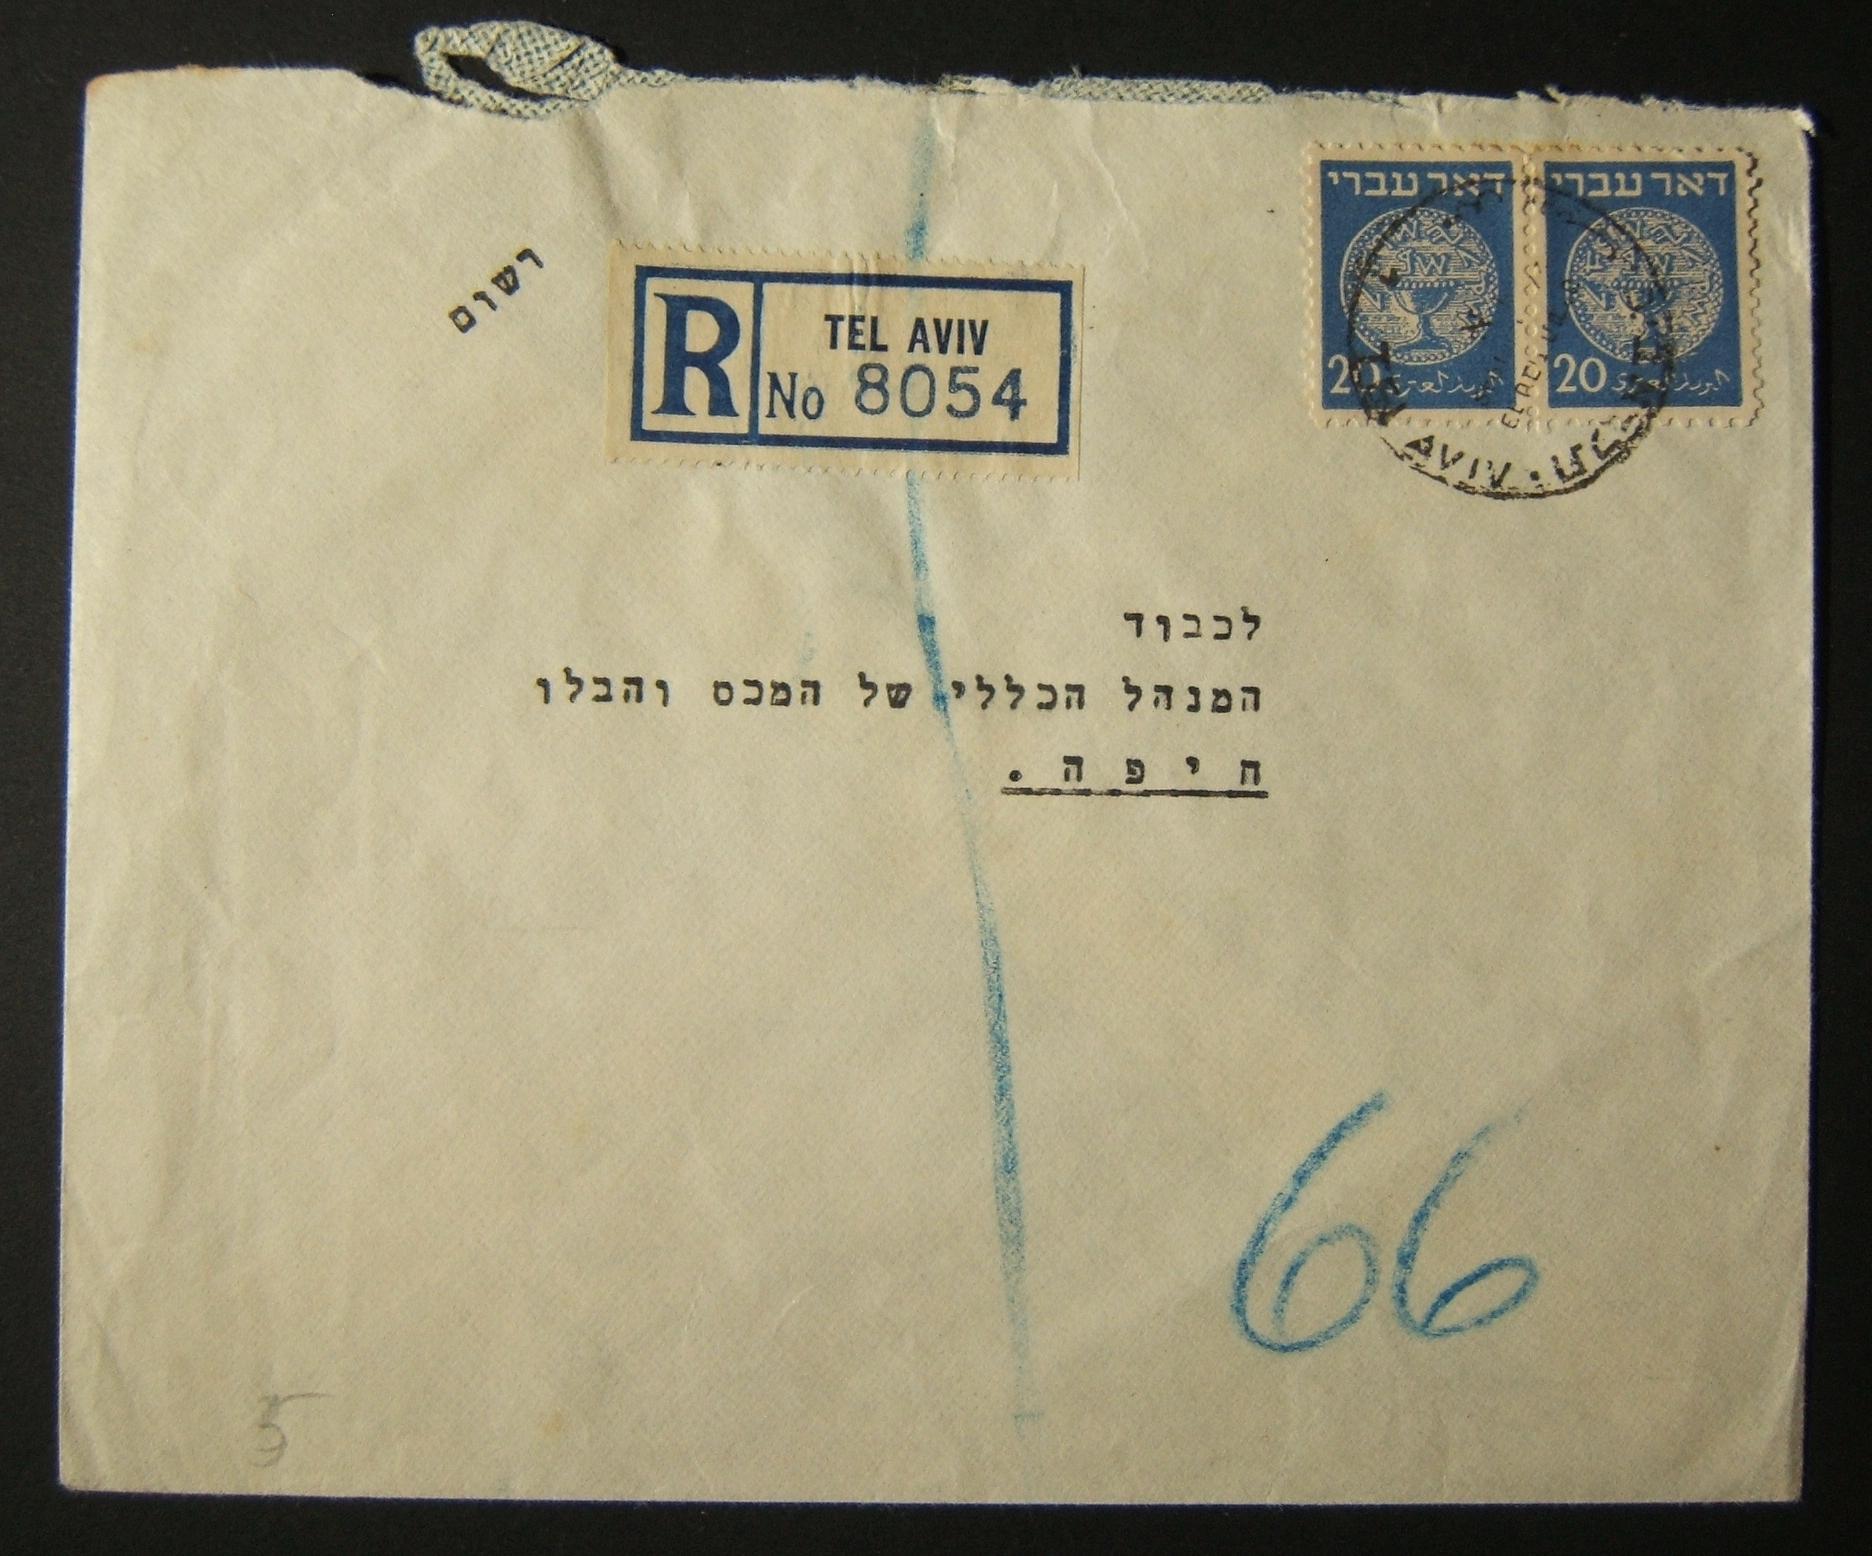 1949 الفترة الزمنية المحلية الثانية للبريد: 27-1-1949 ريج. Dubek الأعمال قرطاسية comm. cv ex TLV to HAIFA franced 40Pr at DO-2 period rate (15Pr letter + 25Pr reg.) using pair 20m Doar